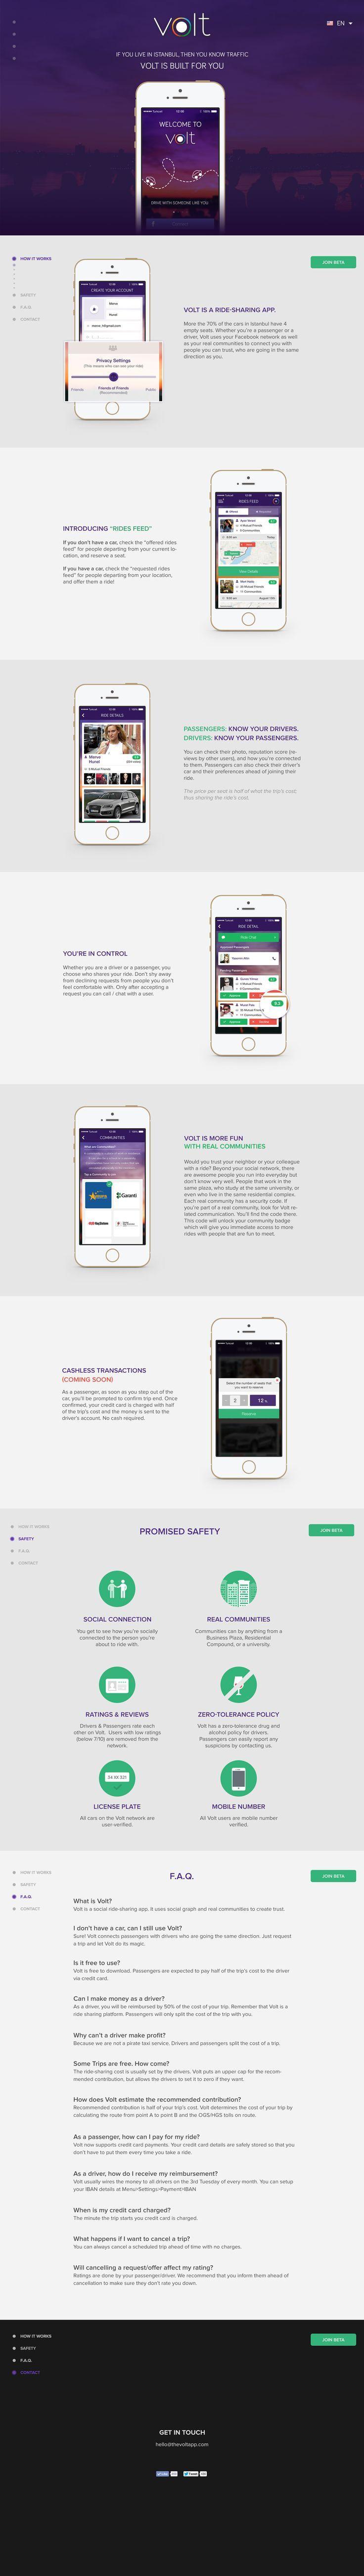 Volt App Website | #webdesign #flatui #ui